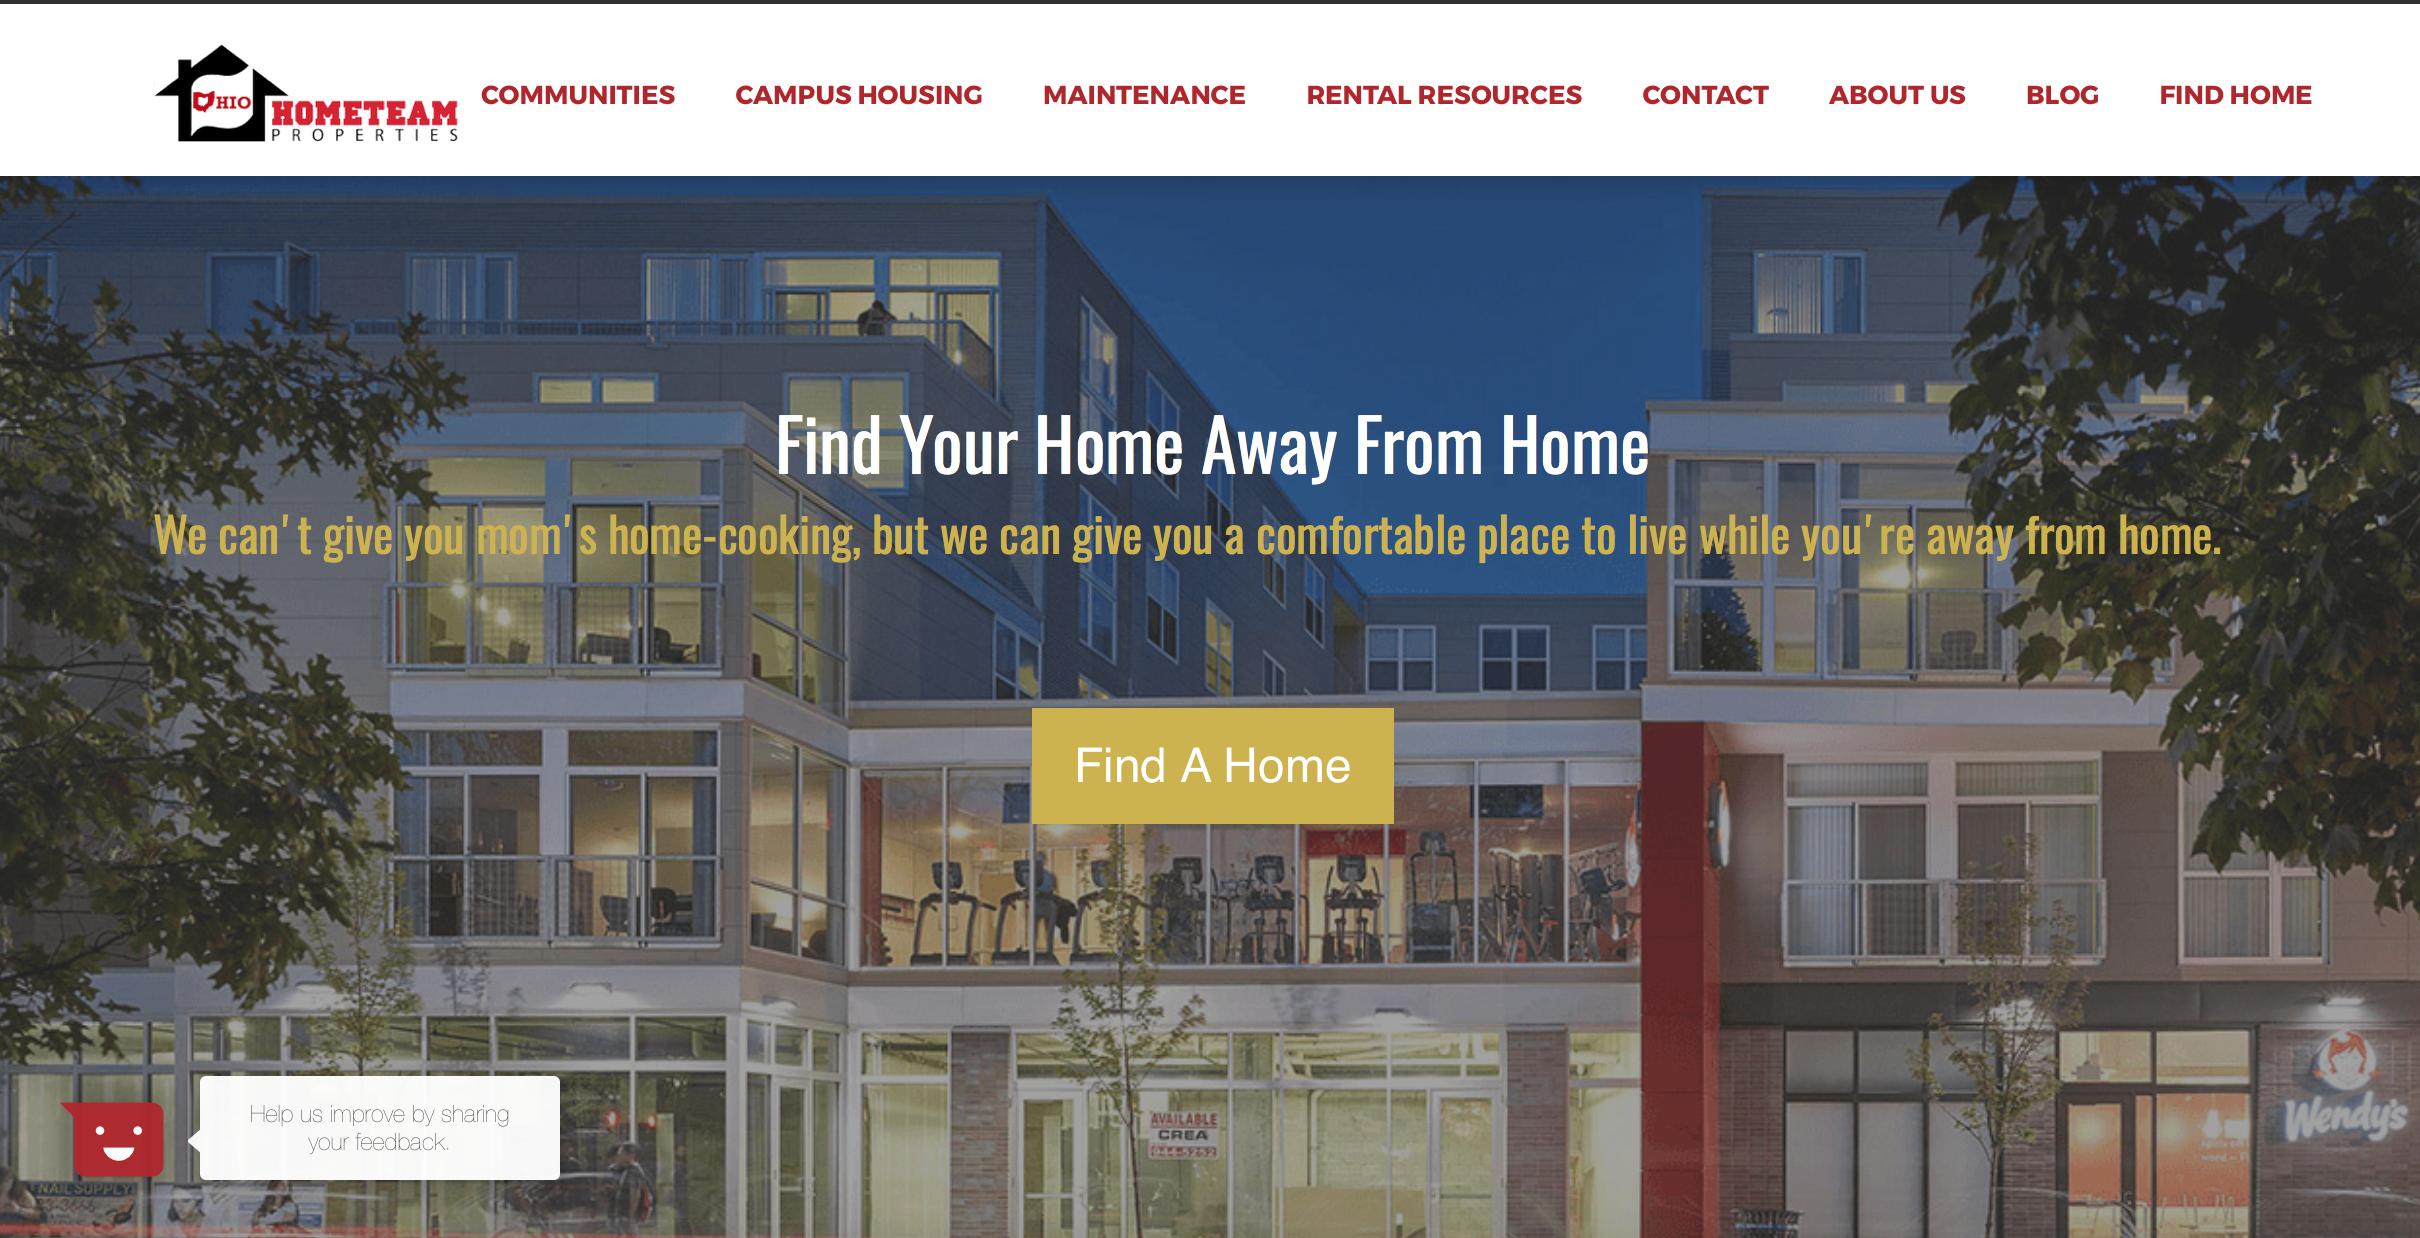 hometeam properties case study